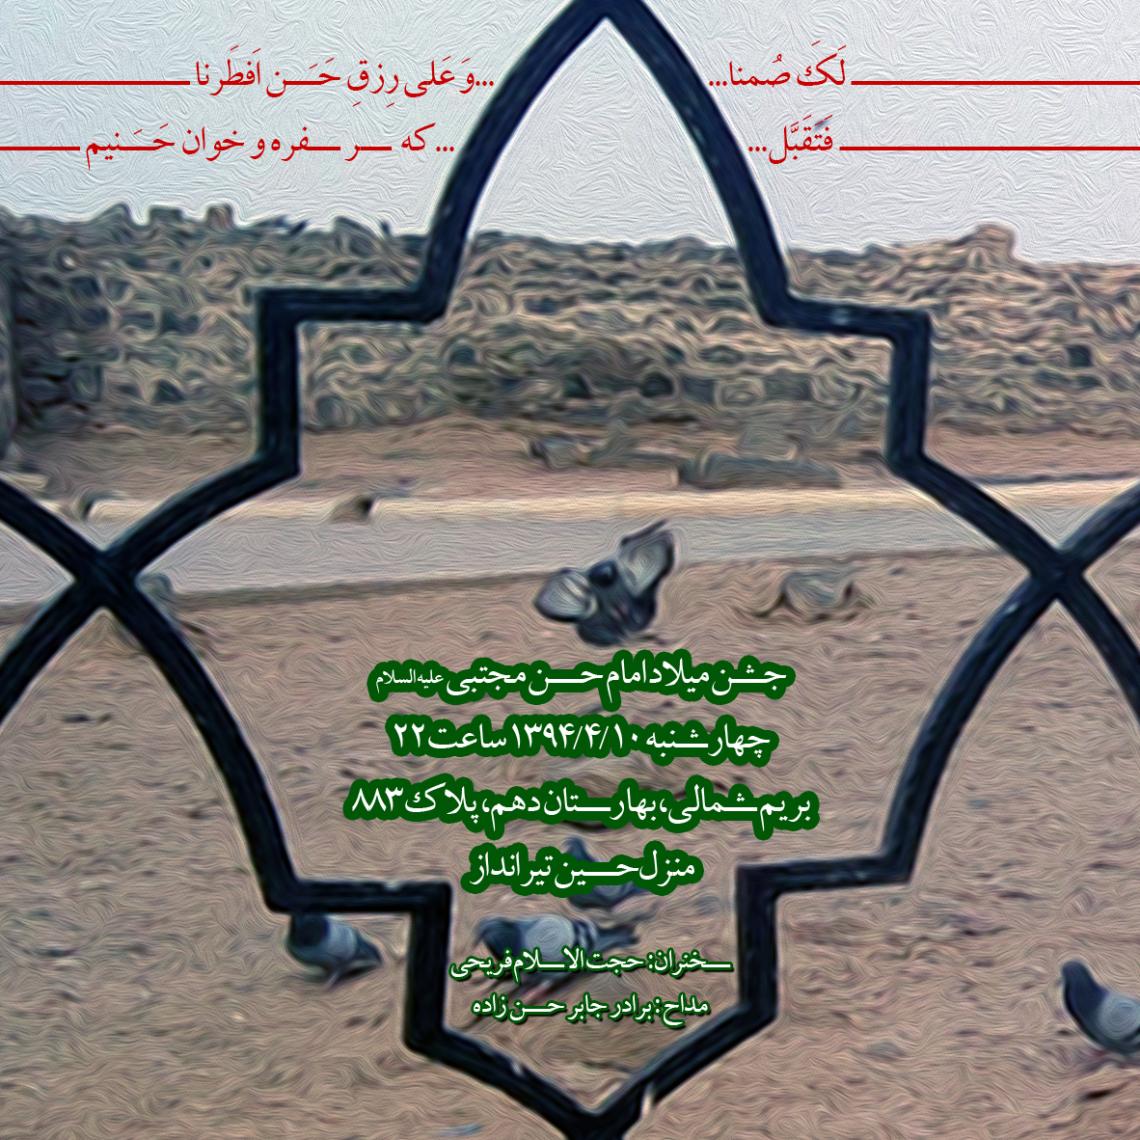 سوگواره پنجم-پوستر 20-حسین تیرانداز-پوستر اطلاع رسانی سایر مجالس هیأت